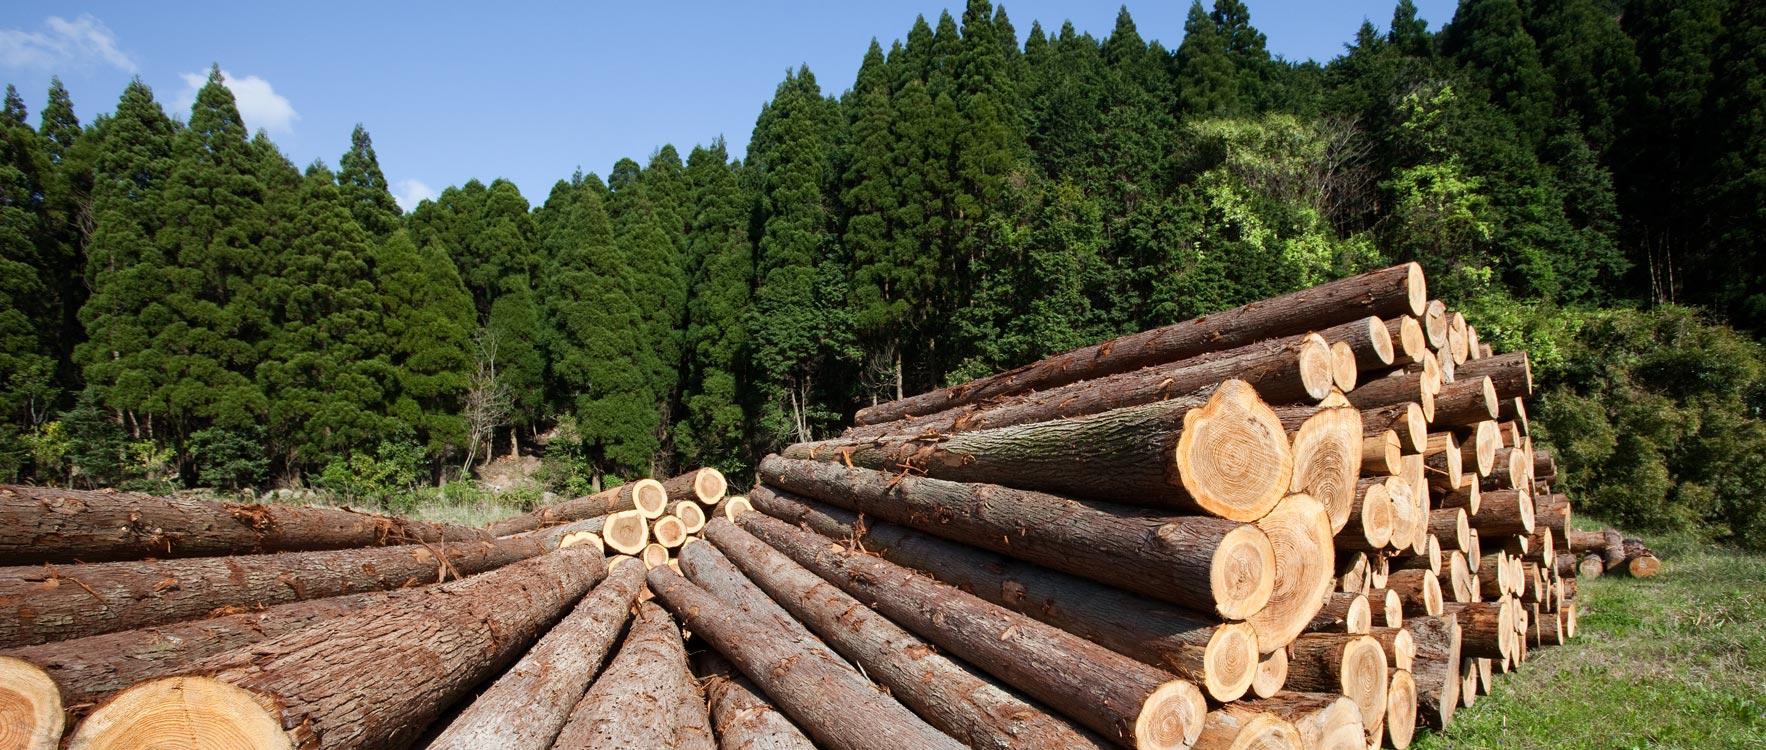 exploitation forestière.jpg